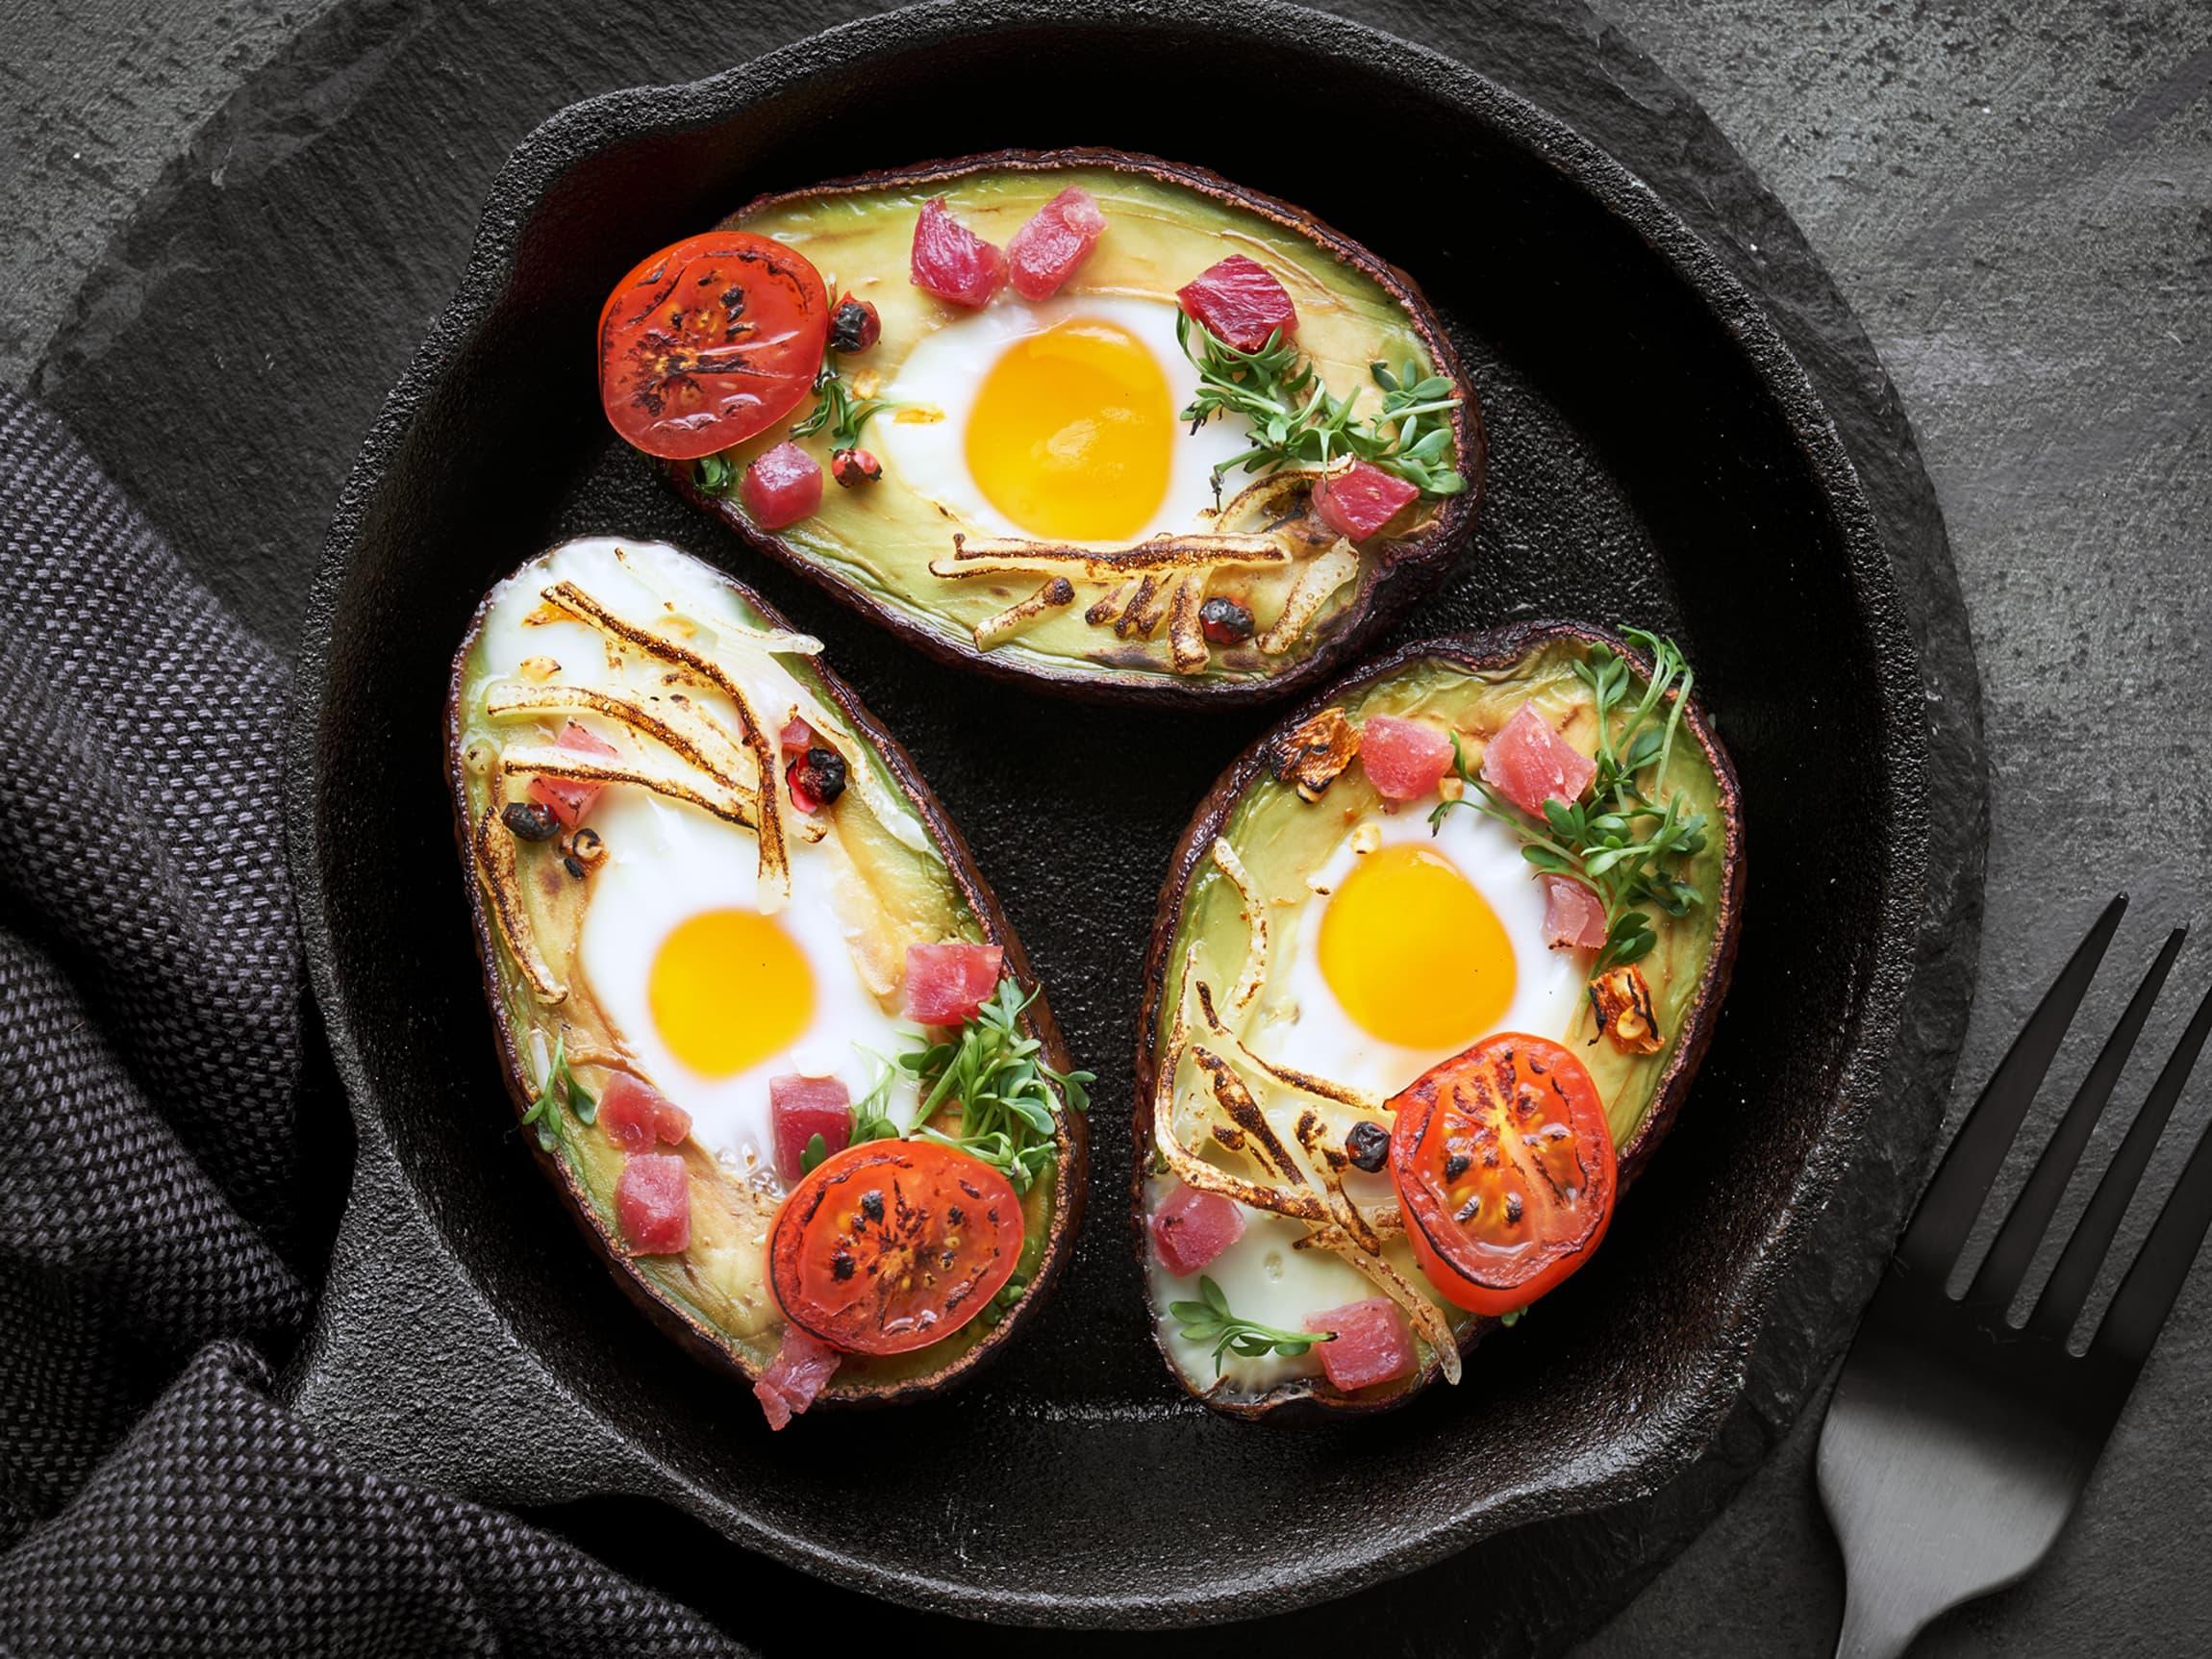 Et raskt og godt mellommåltid er ovnsbakte, halve avokadoer fylt med egg og skinke.